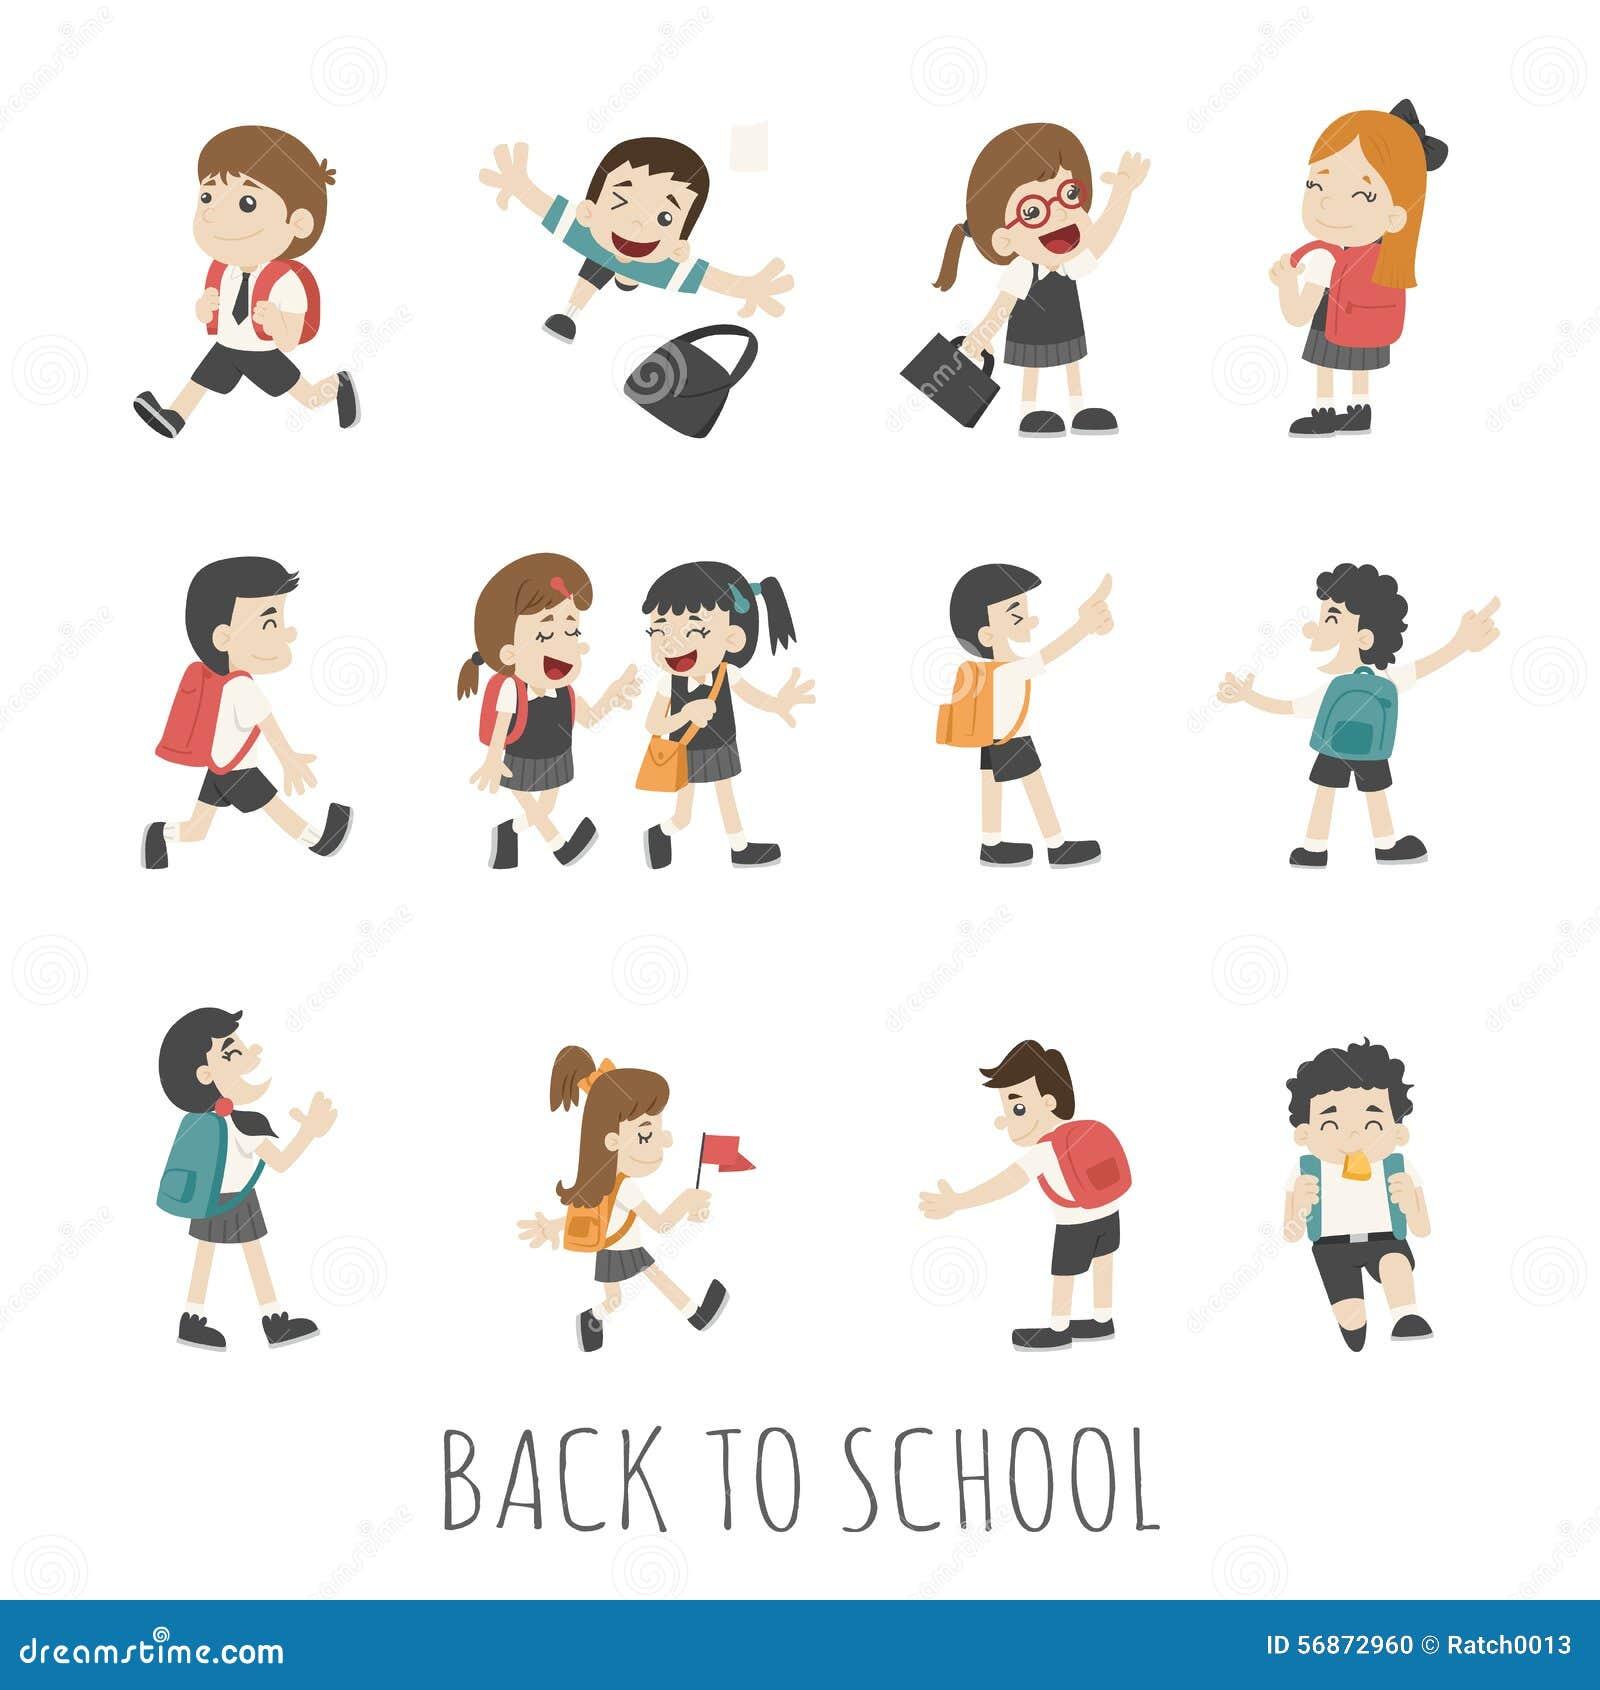 Back To School Pupils In School Uniform Stock Vector